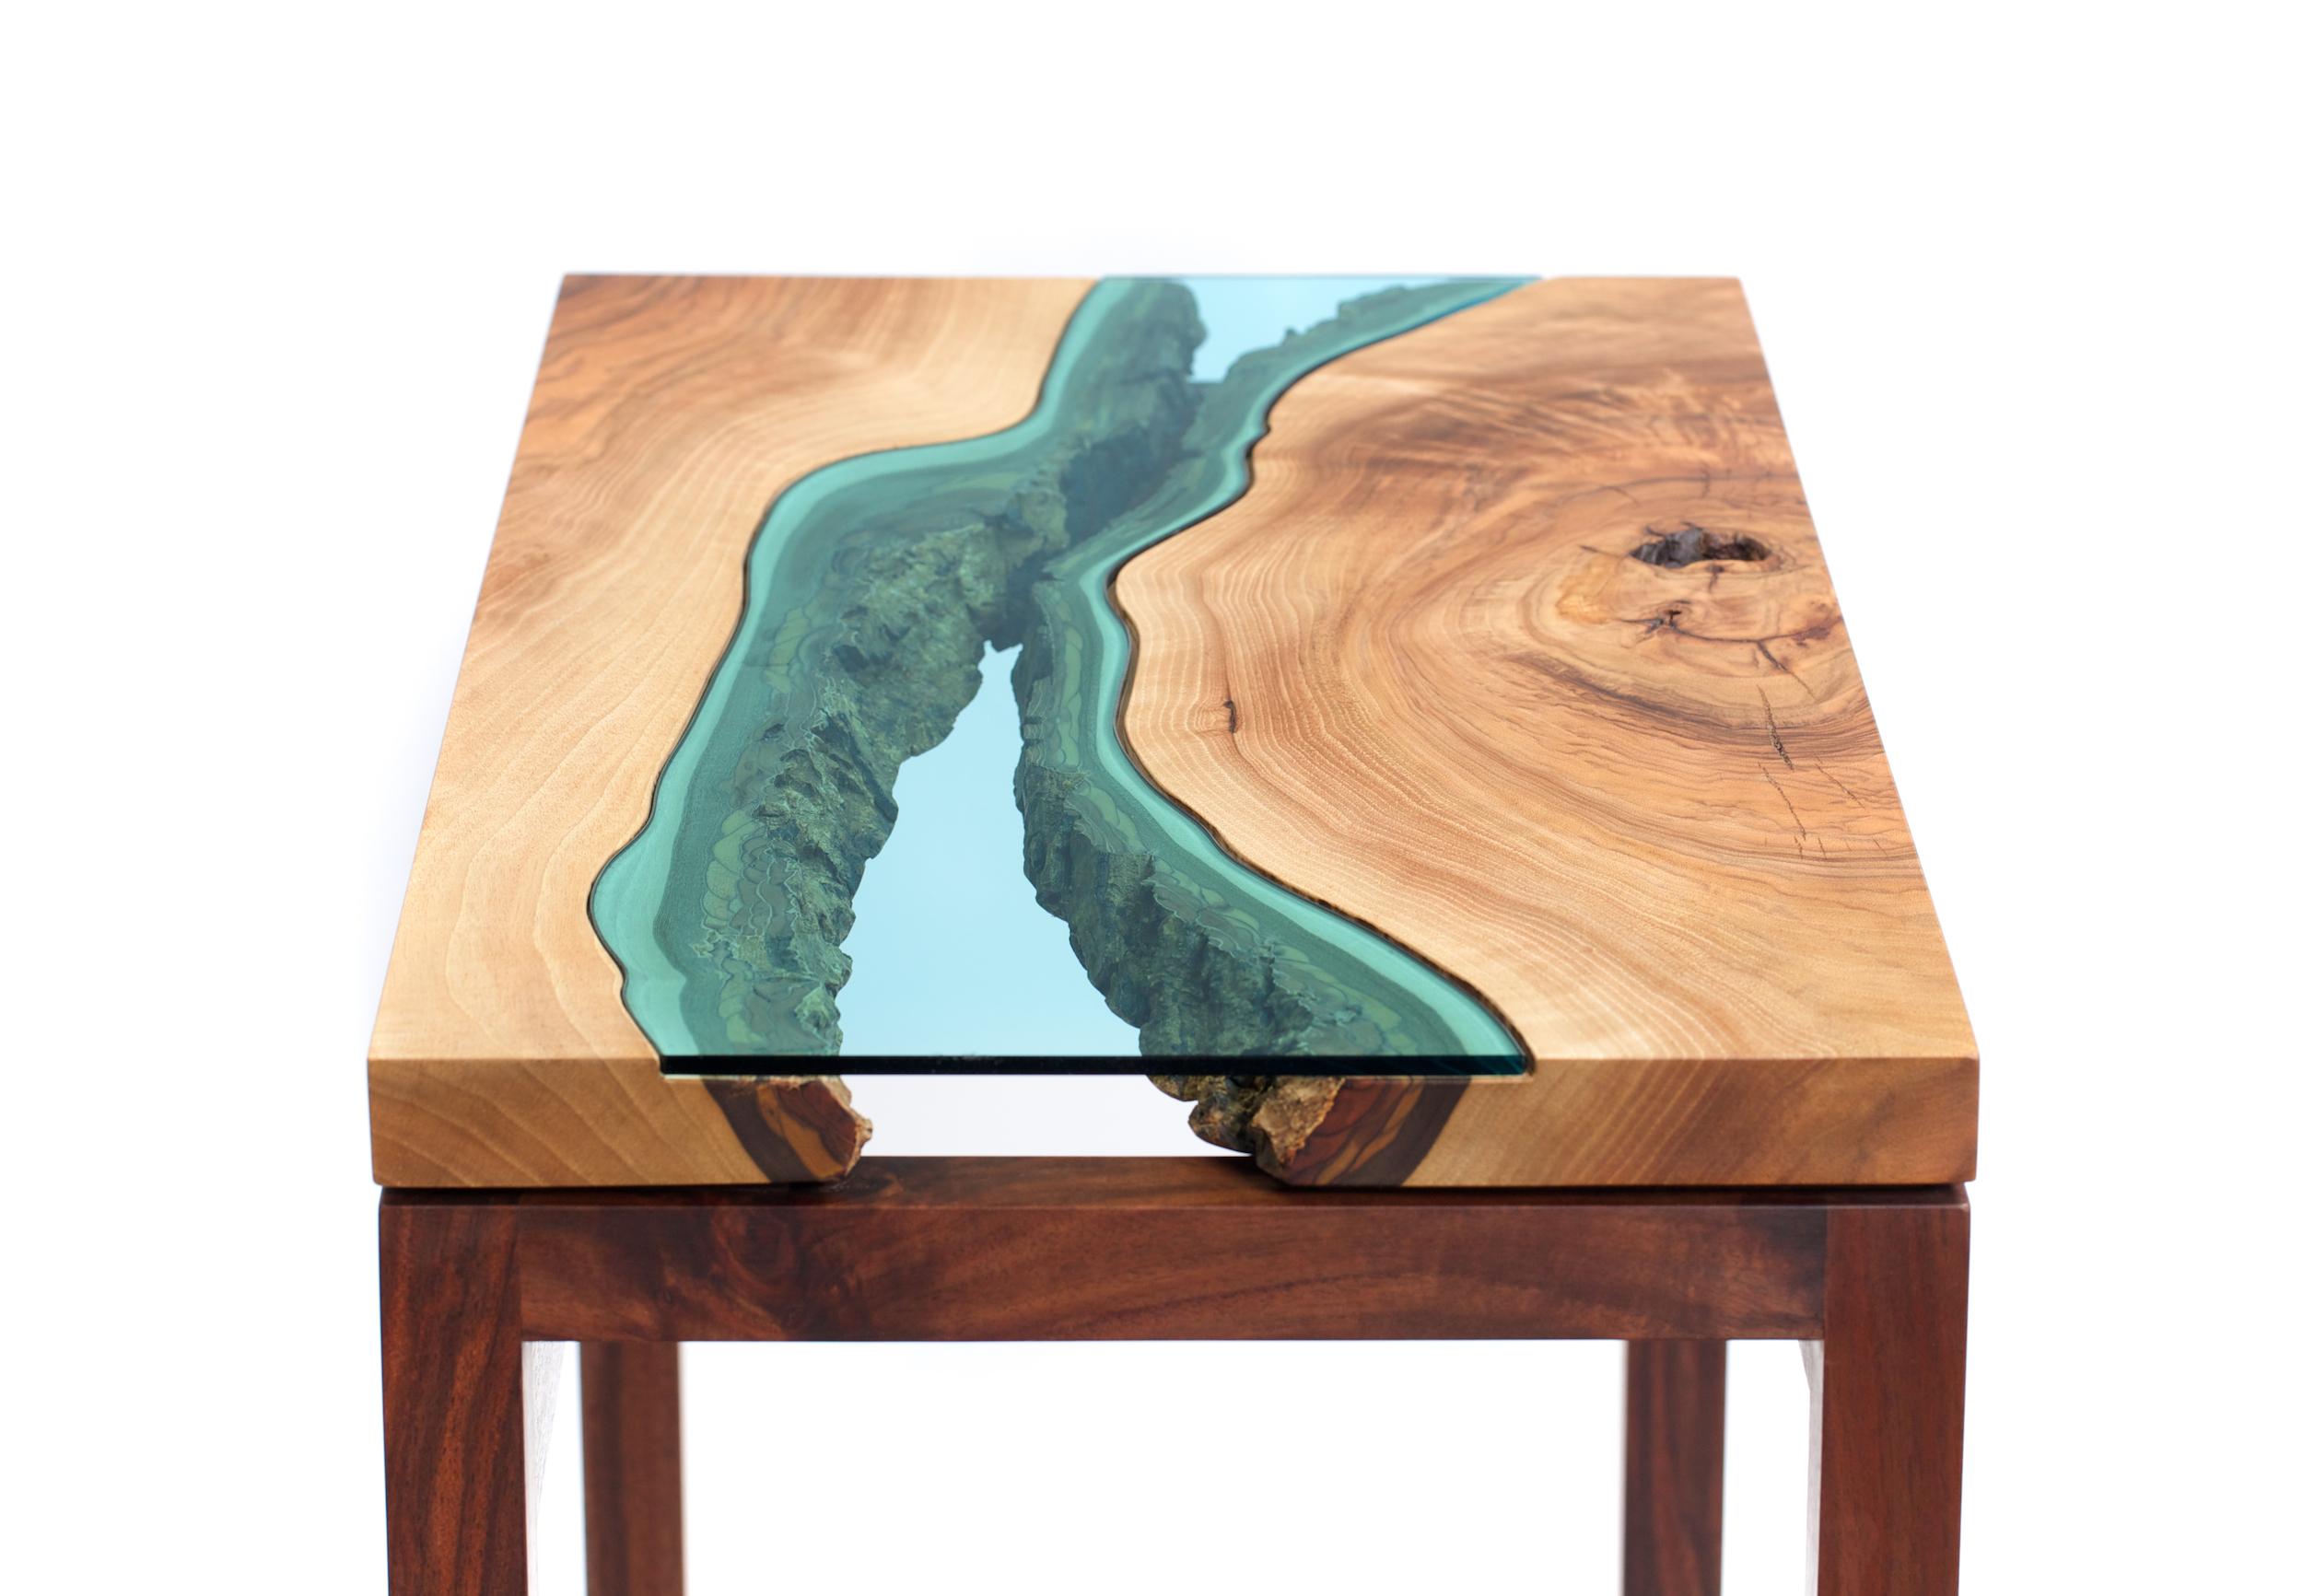 Table bois verre riviere 10 la boite verte - Place du verre a eau sur une table ...